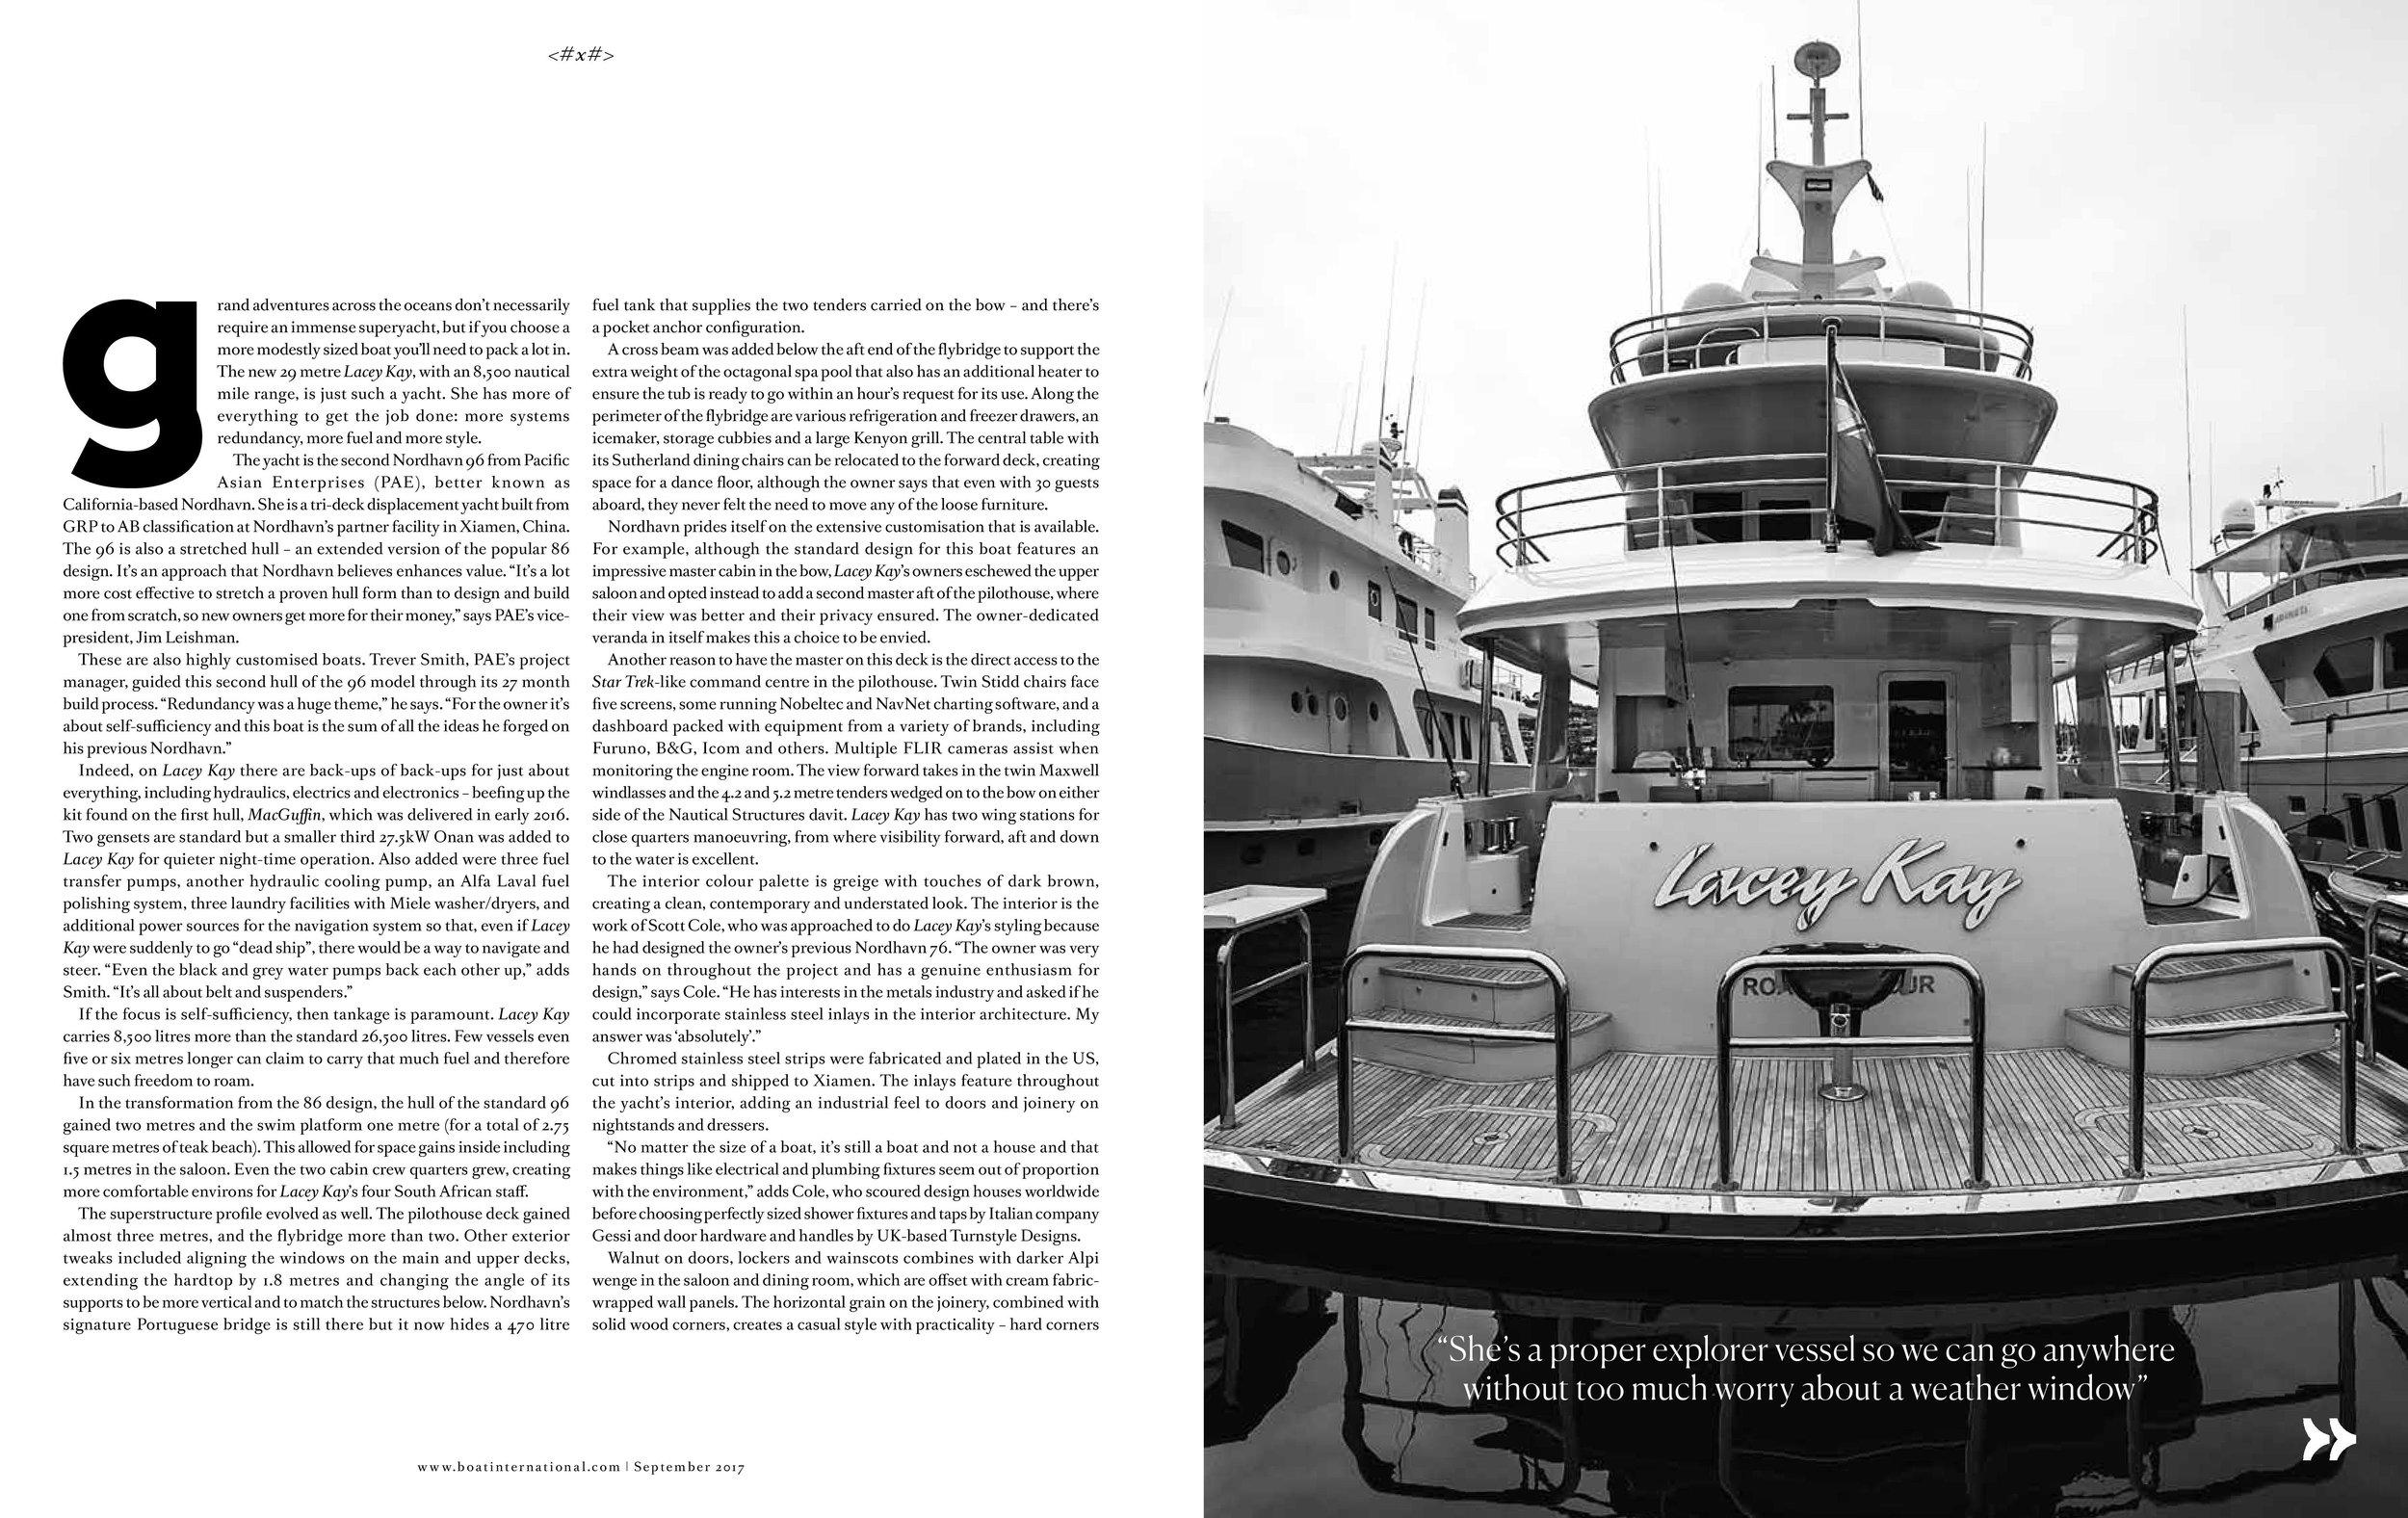 BI_FEAT_LAcey Kay-page-003.jpg